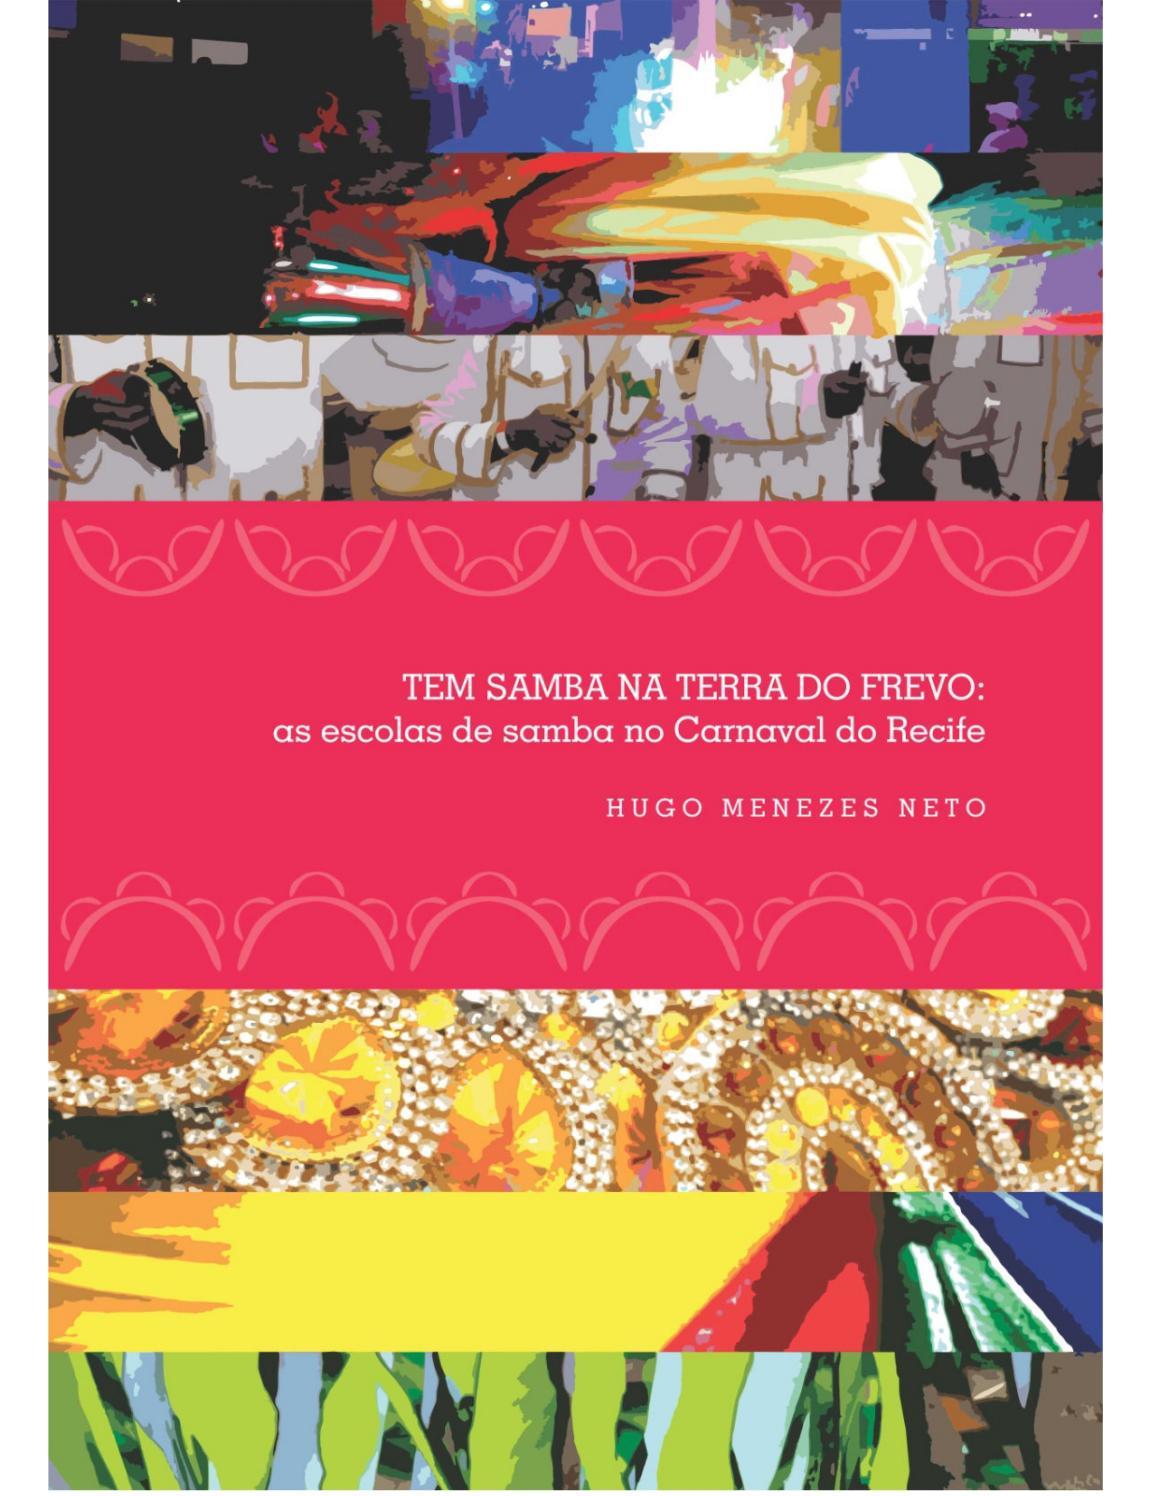 8d63f6db9e Tem samba na terra do frevo : as escolas de samba no carnaval do Recife by  Portal Academia do Samba - issuu